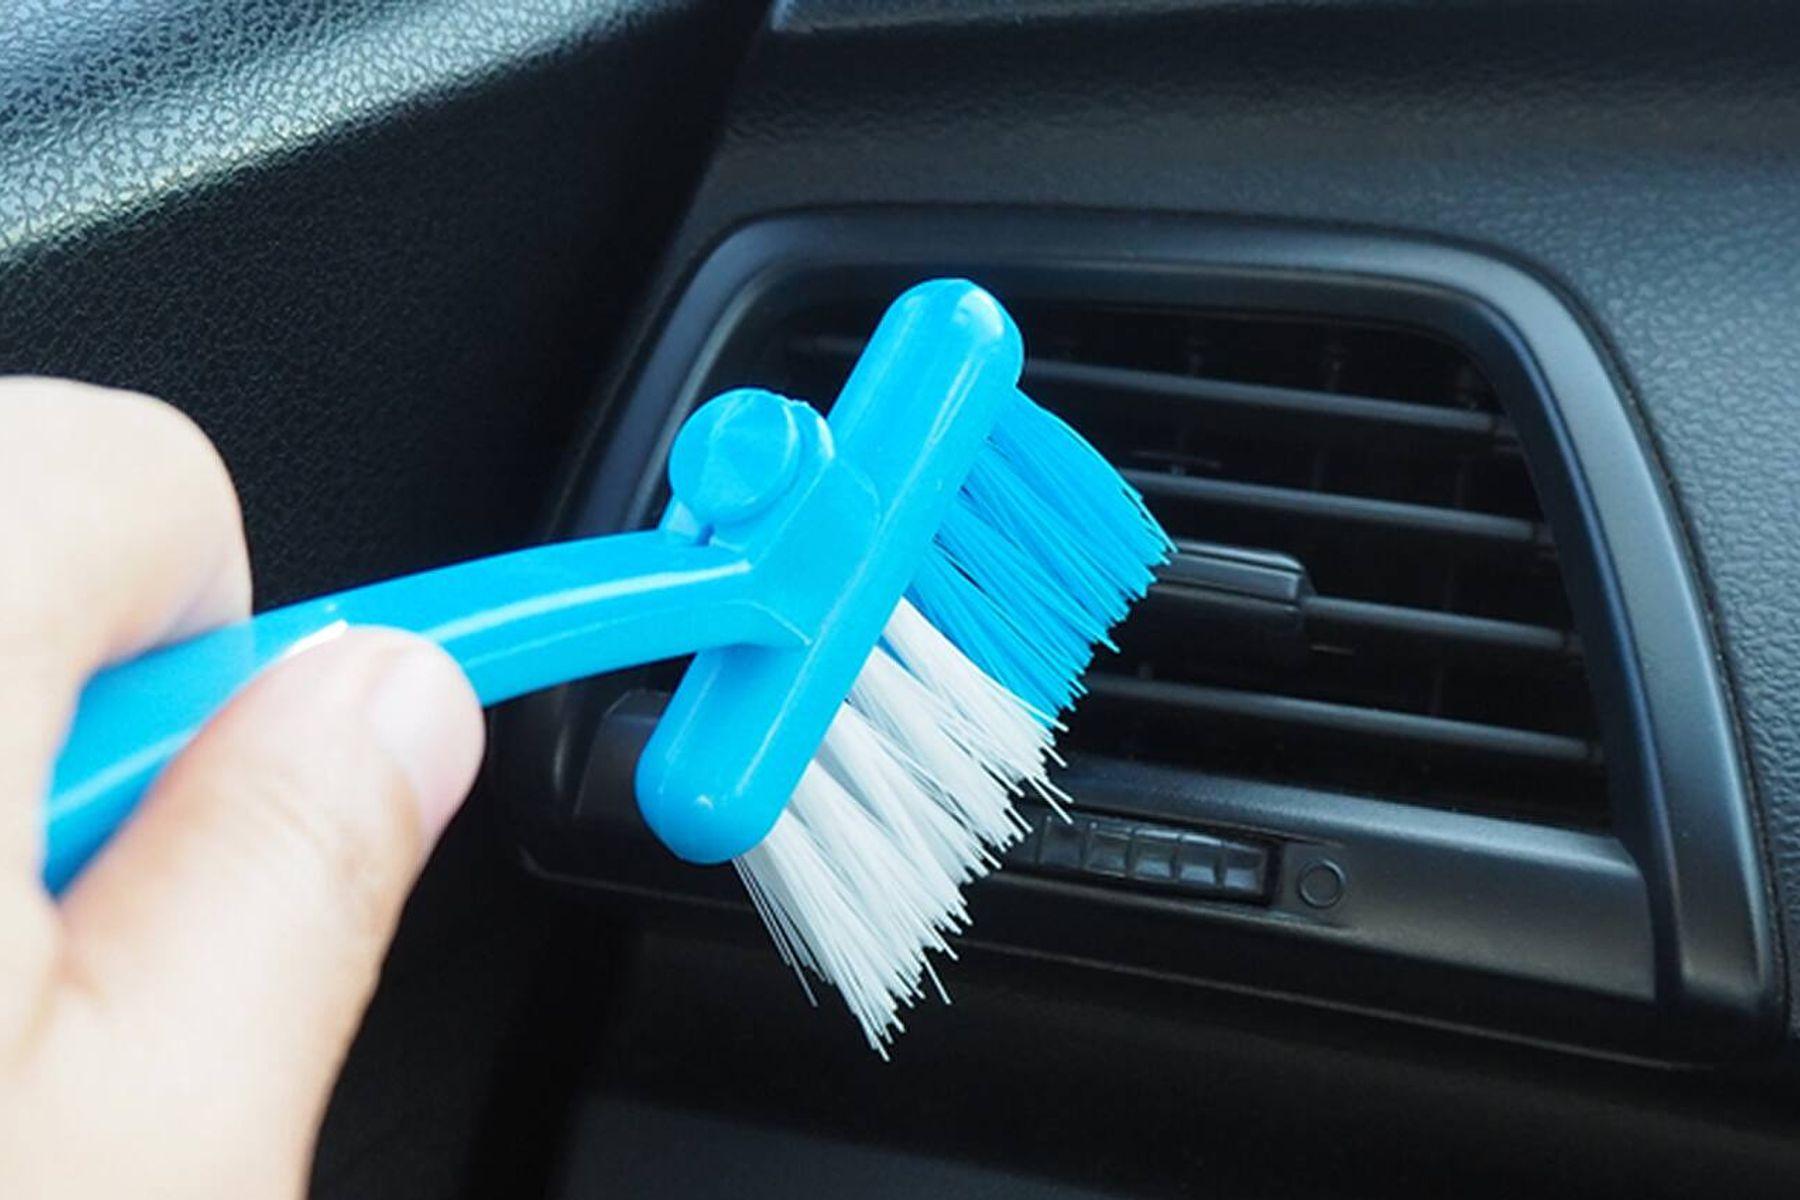 Pessoa limpando a saída de ar do carro para eliminar odores e tirar cheiro do carro